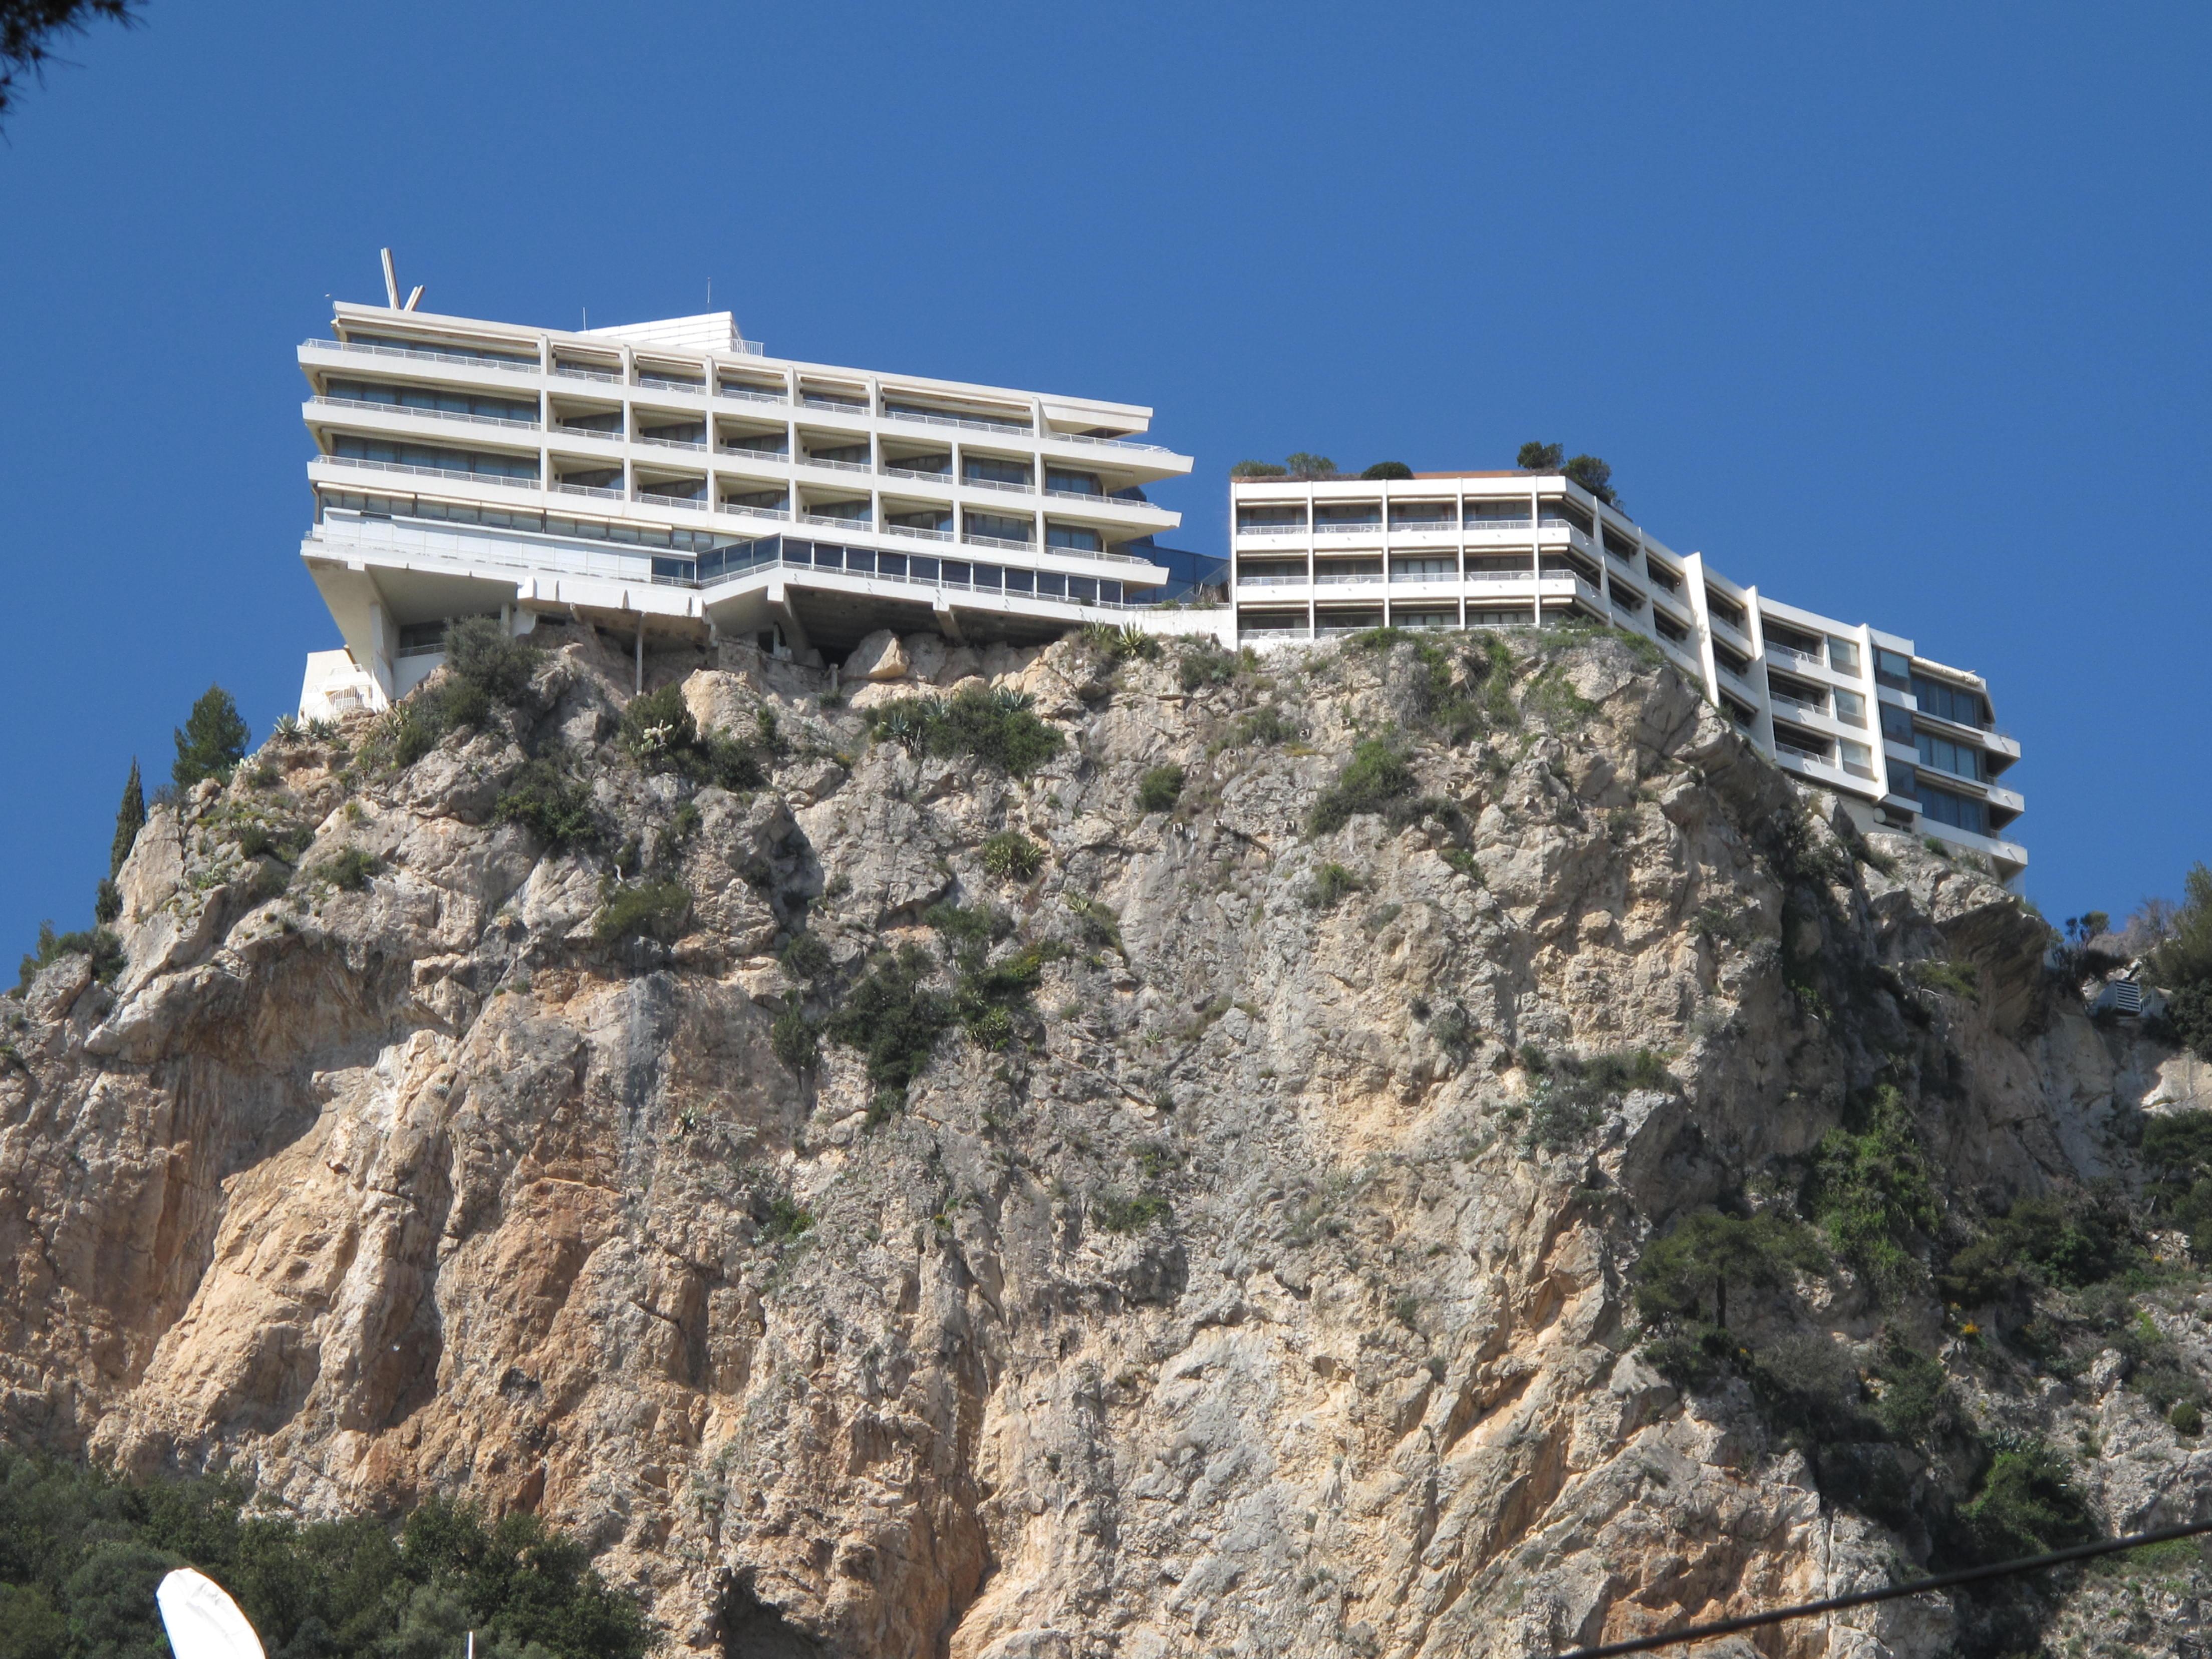 Palace Hotel Monaco